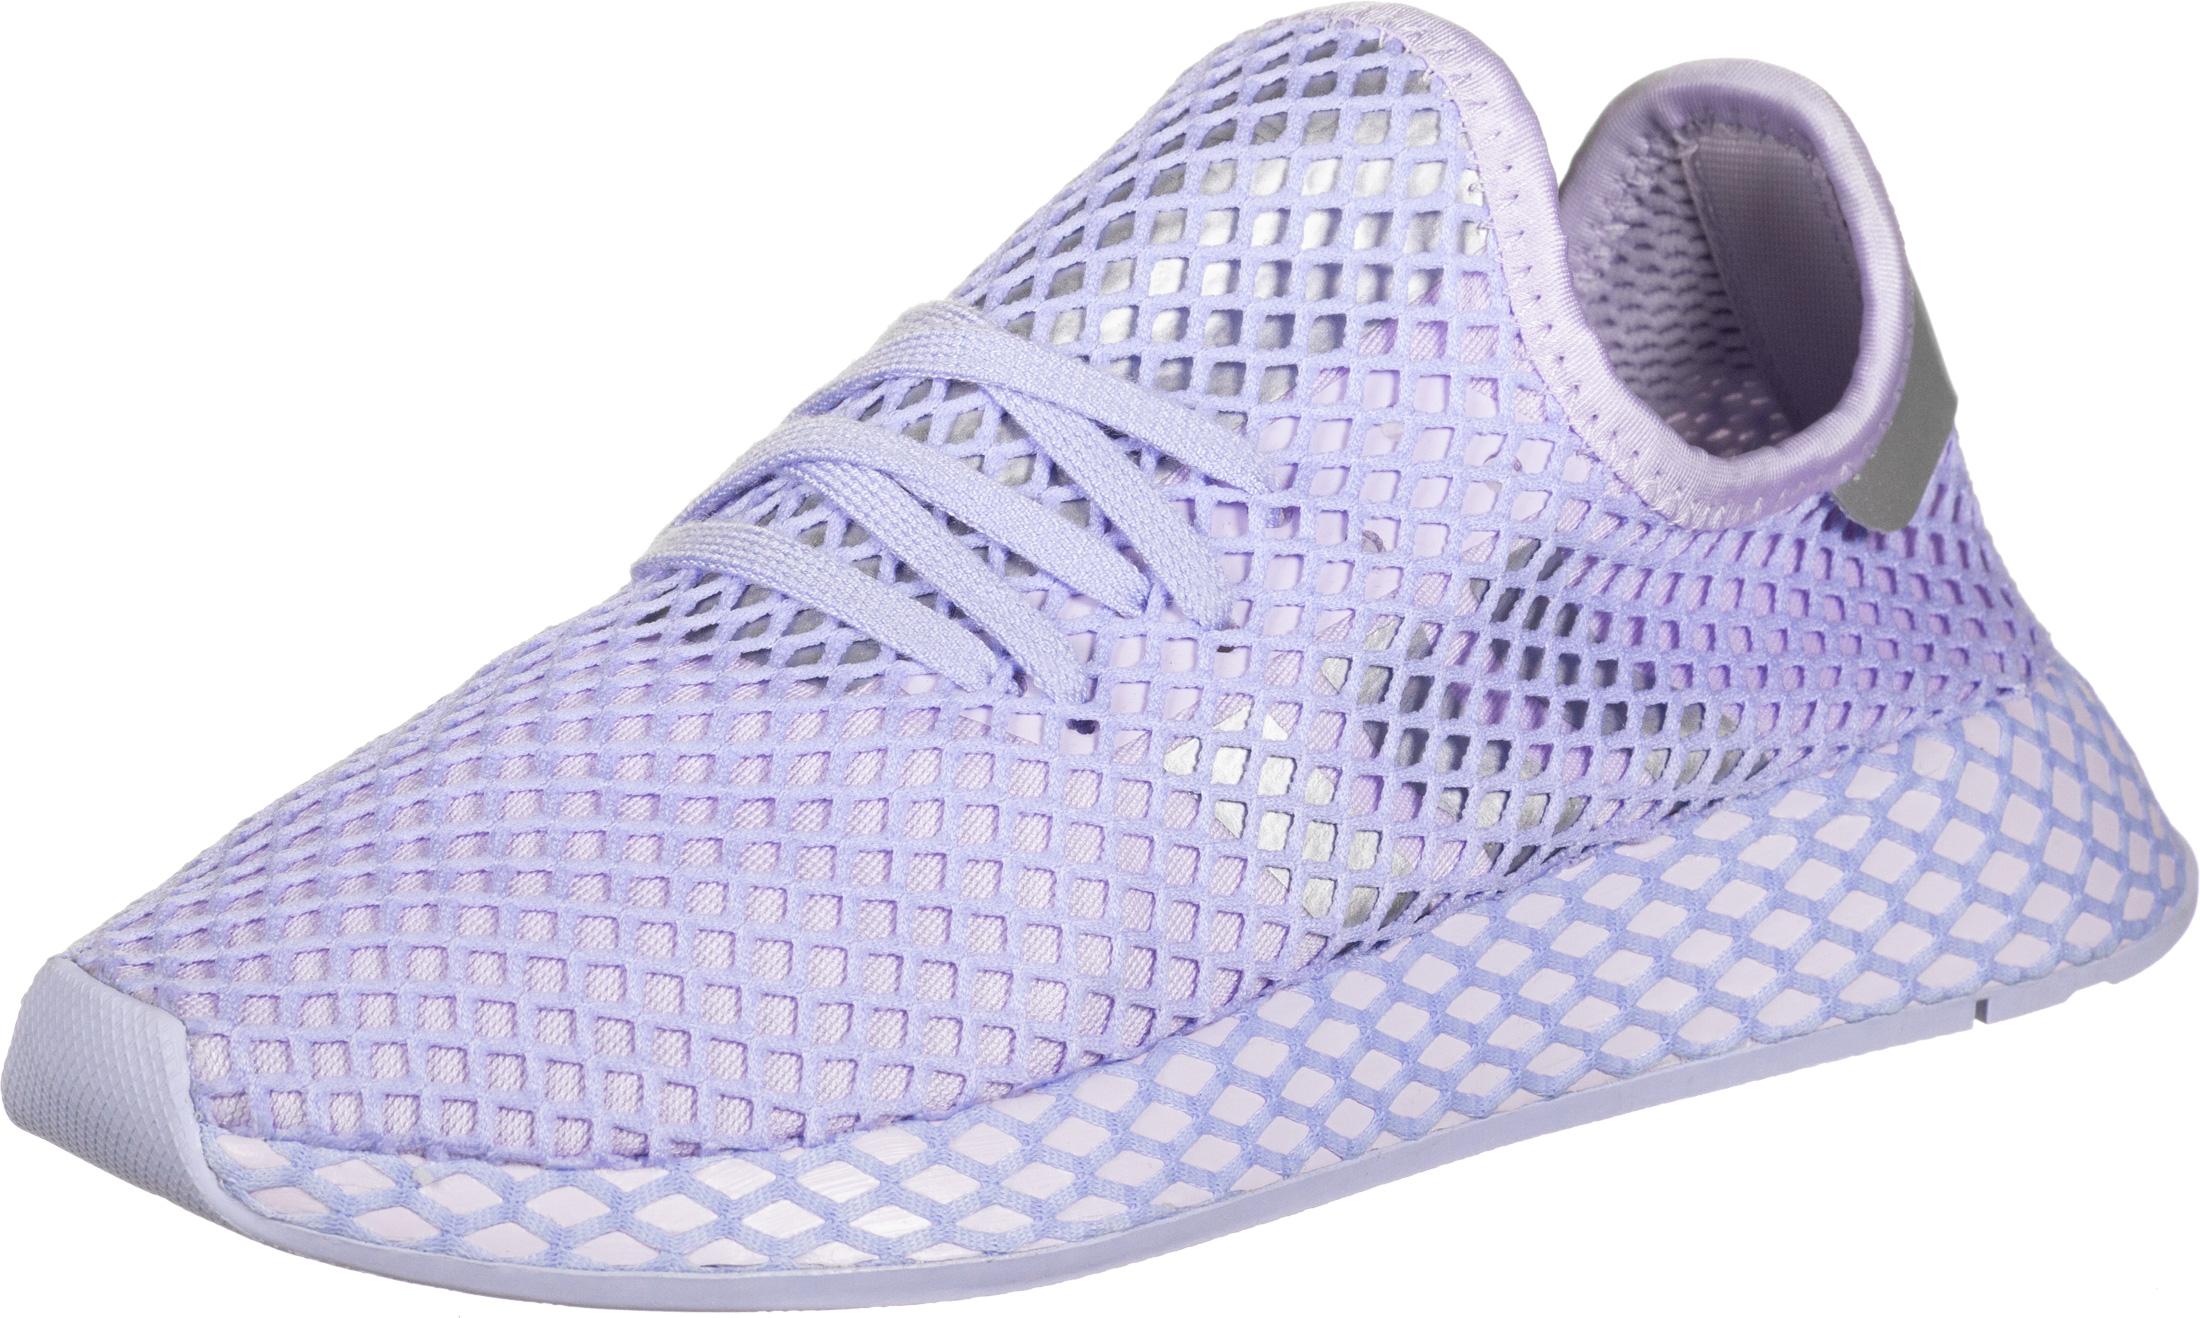 adidas Deerupt Runner W - Sneakers Low